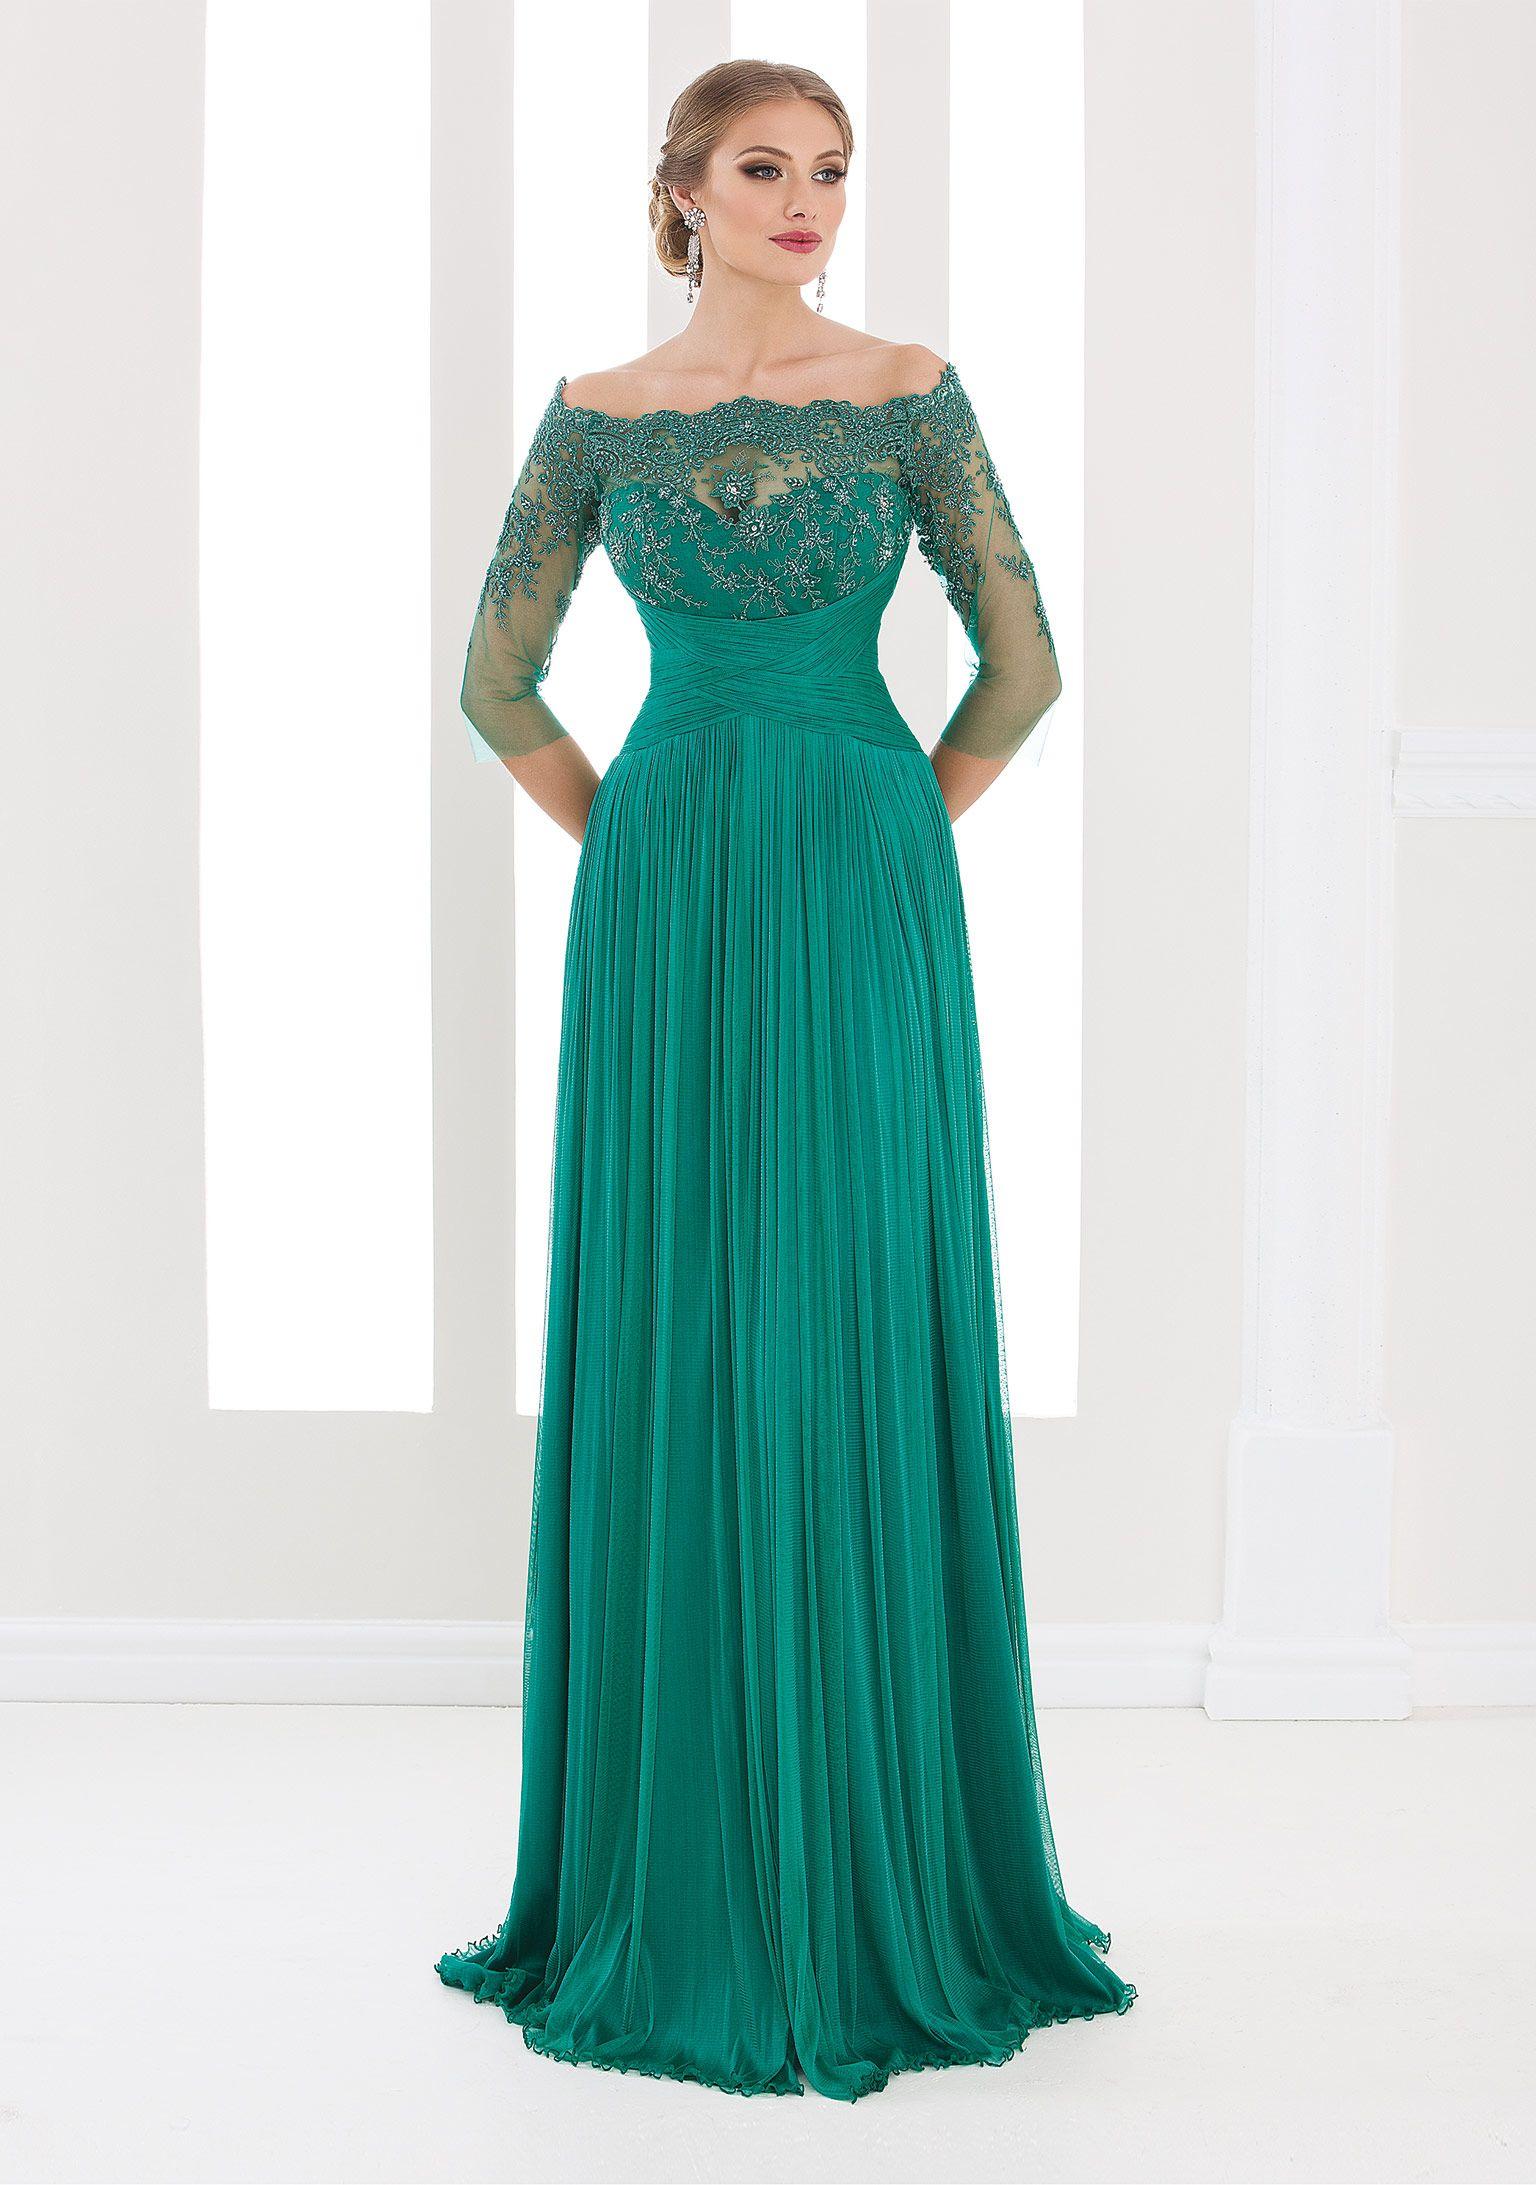 White Lady - colectia de rochii de seara 2016 | nunta fini ...